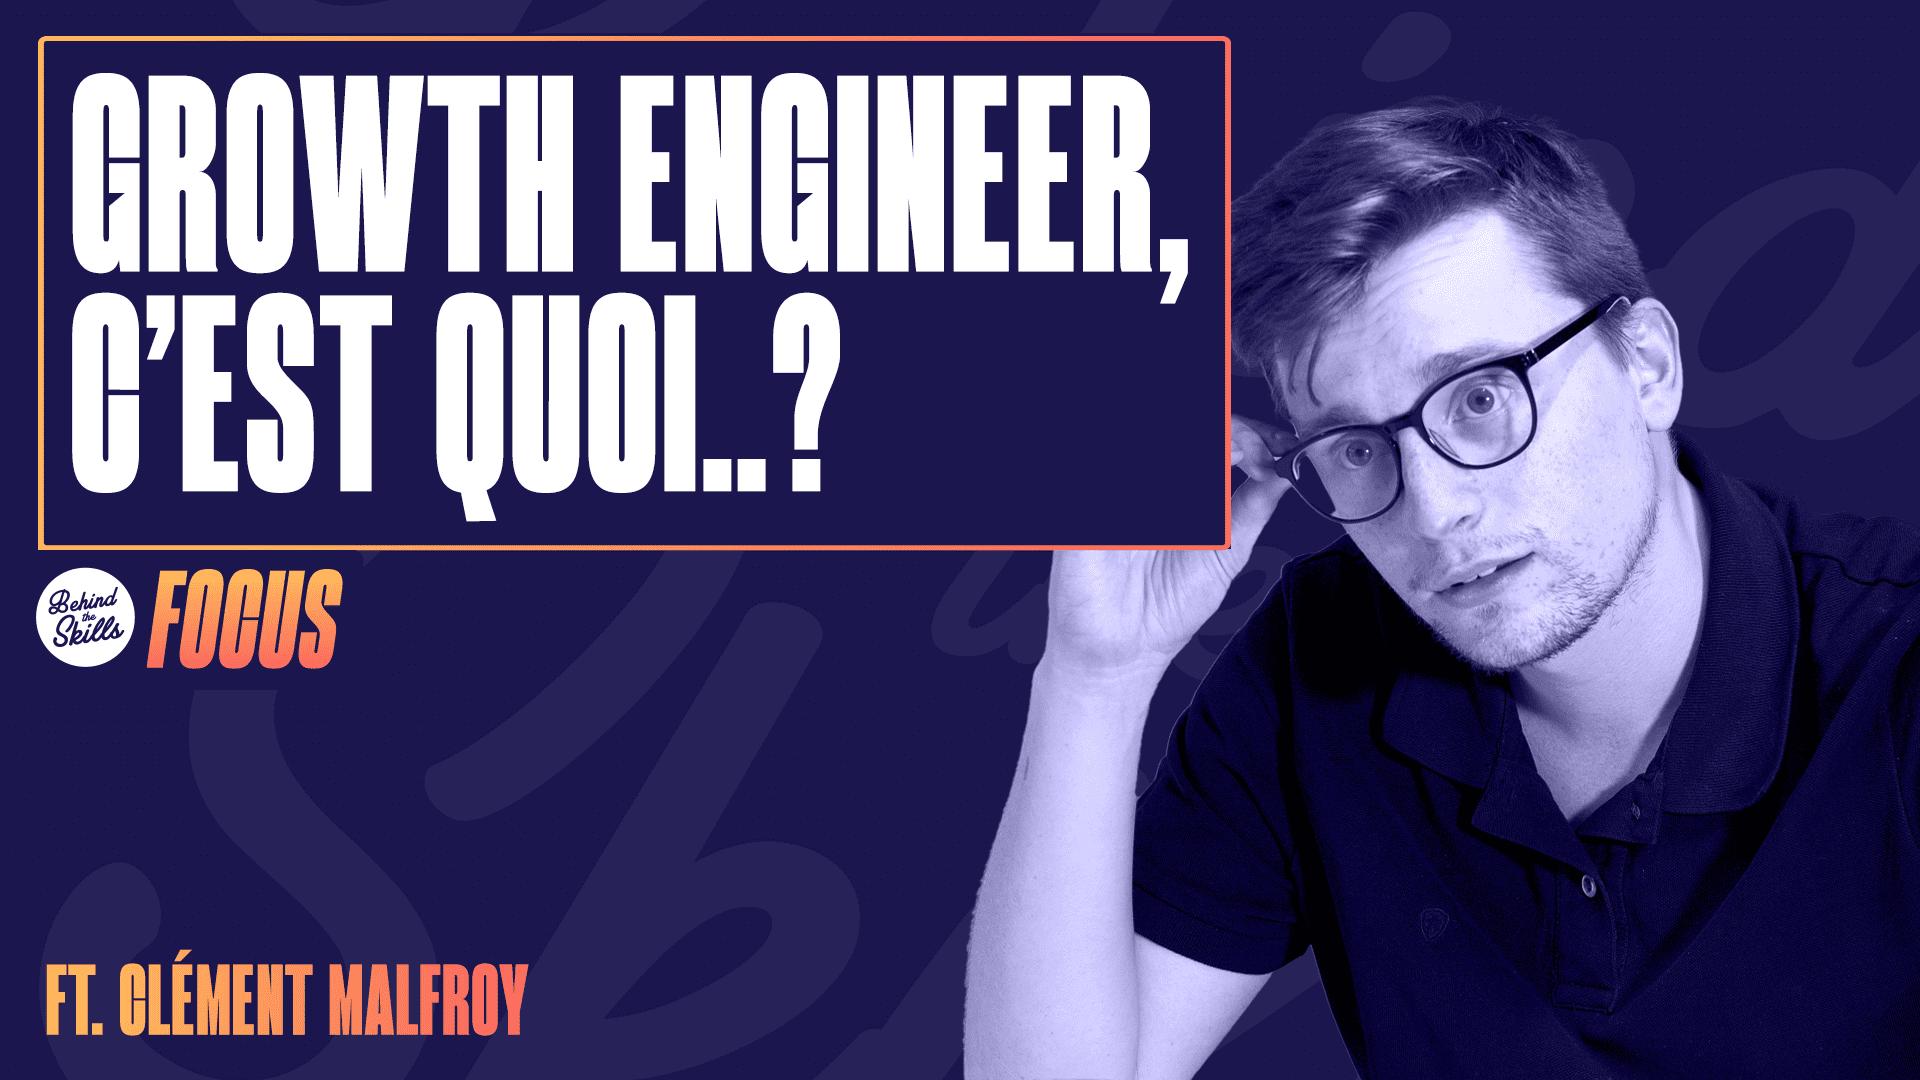 Growth Engineer, c'est quoi ?